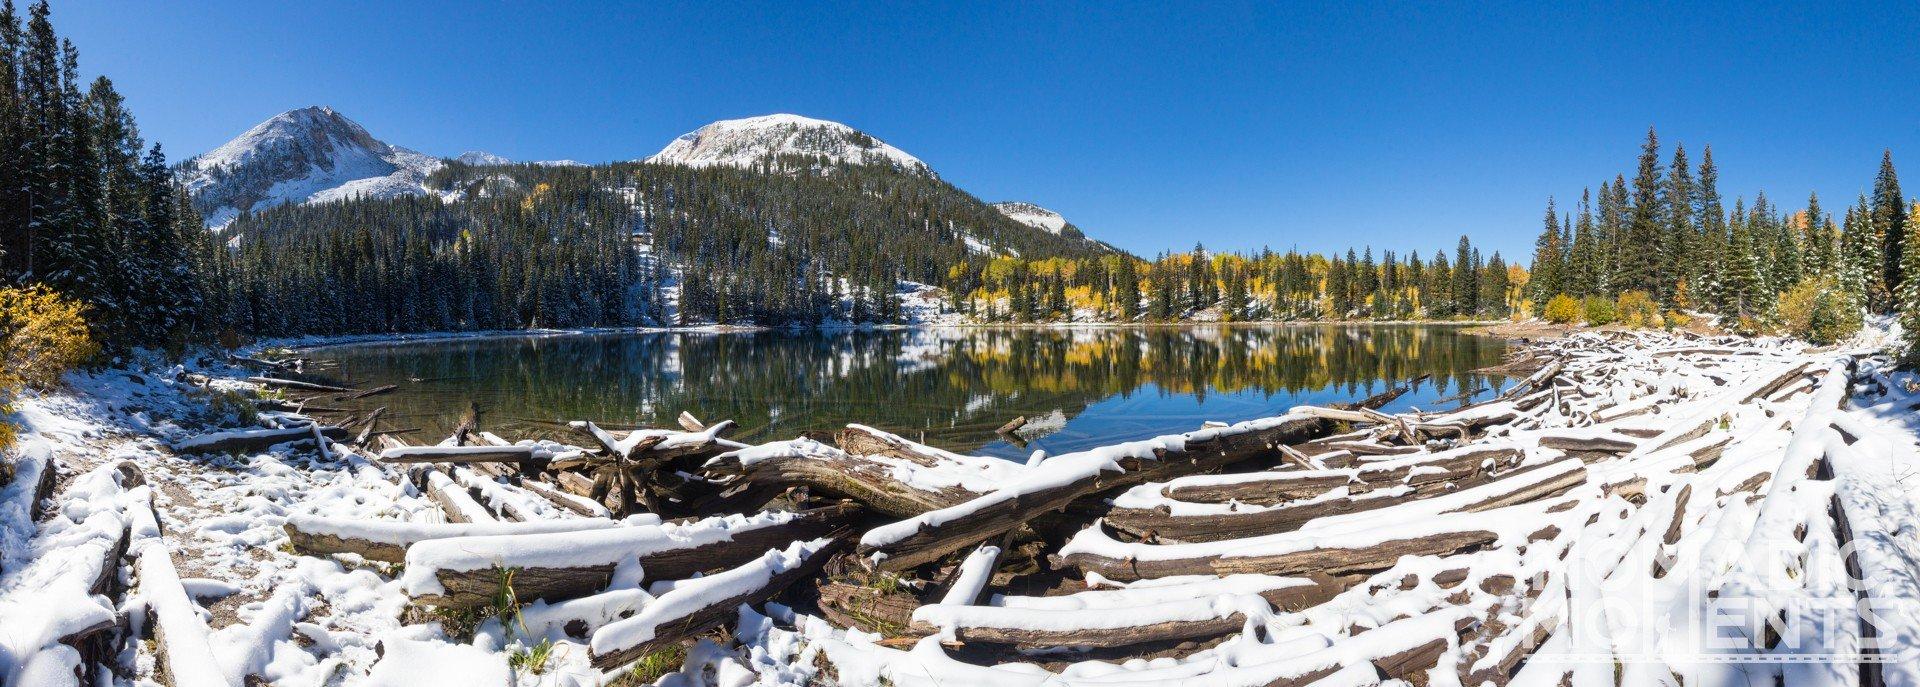 The snowy shoreline of Colorado's Lost Lake.